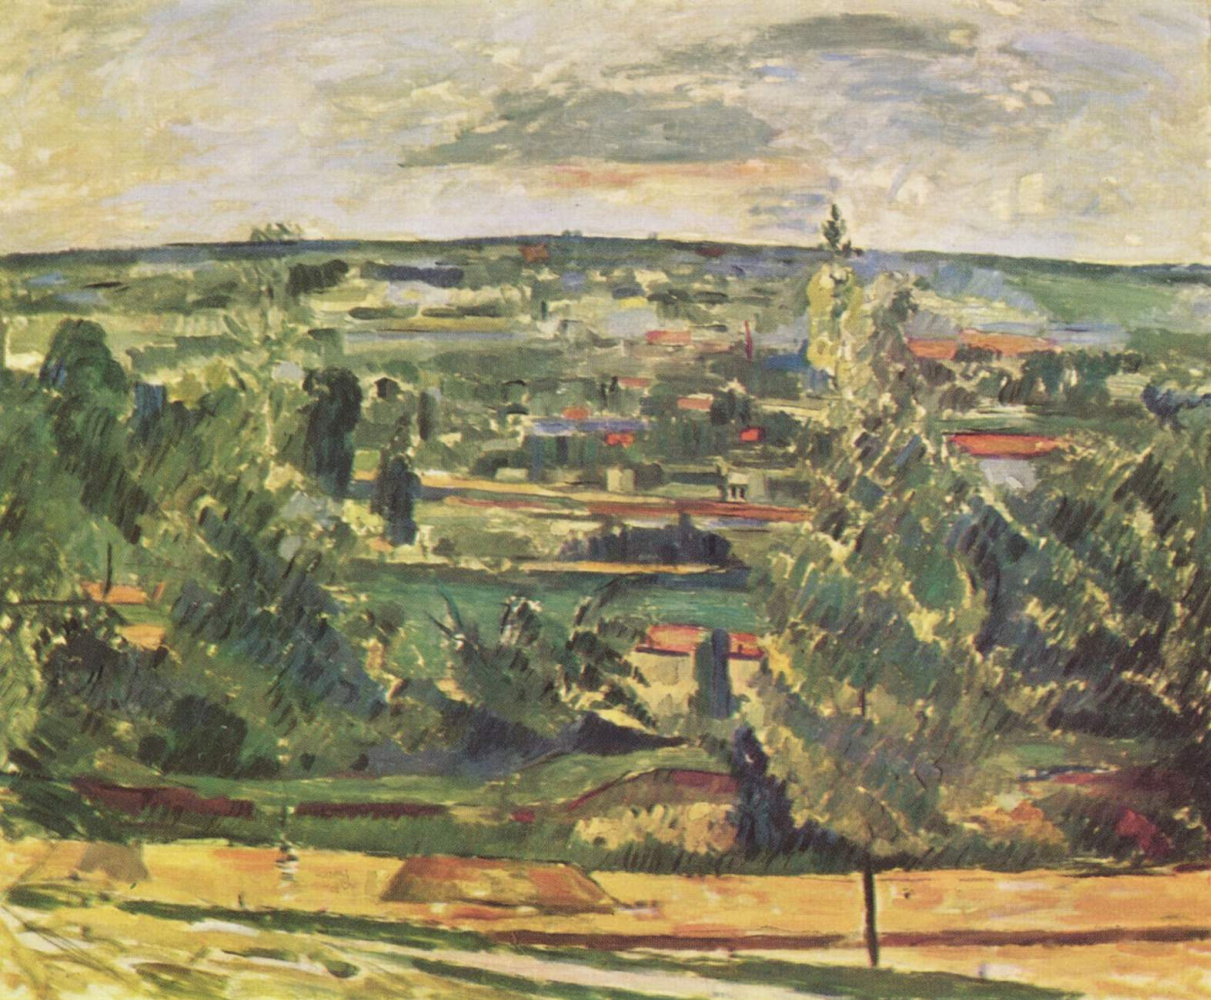 Поль Сезанн. Пейзаж в Жа де Буффан